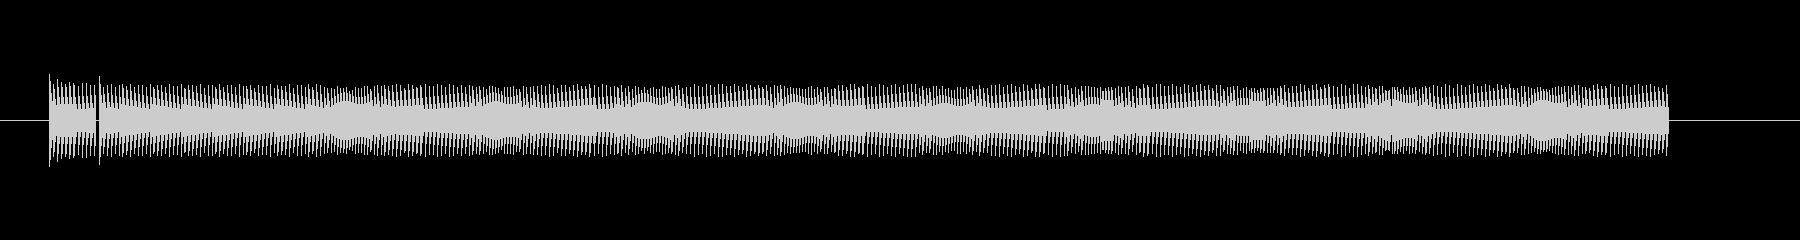 トーン変調デジタルおよび電子低ピッチ波の未再生の波形